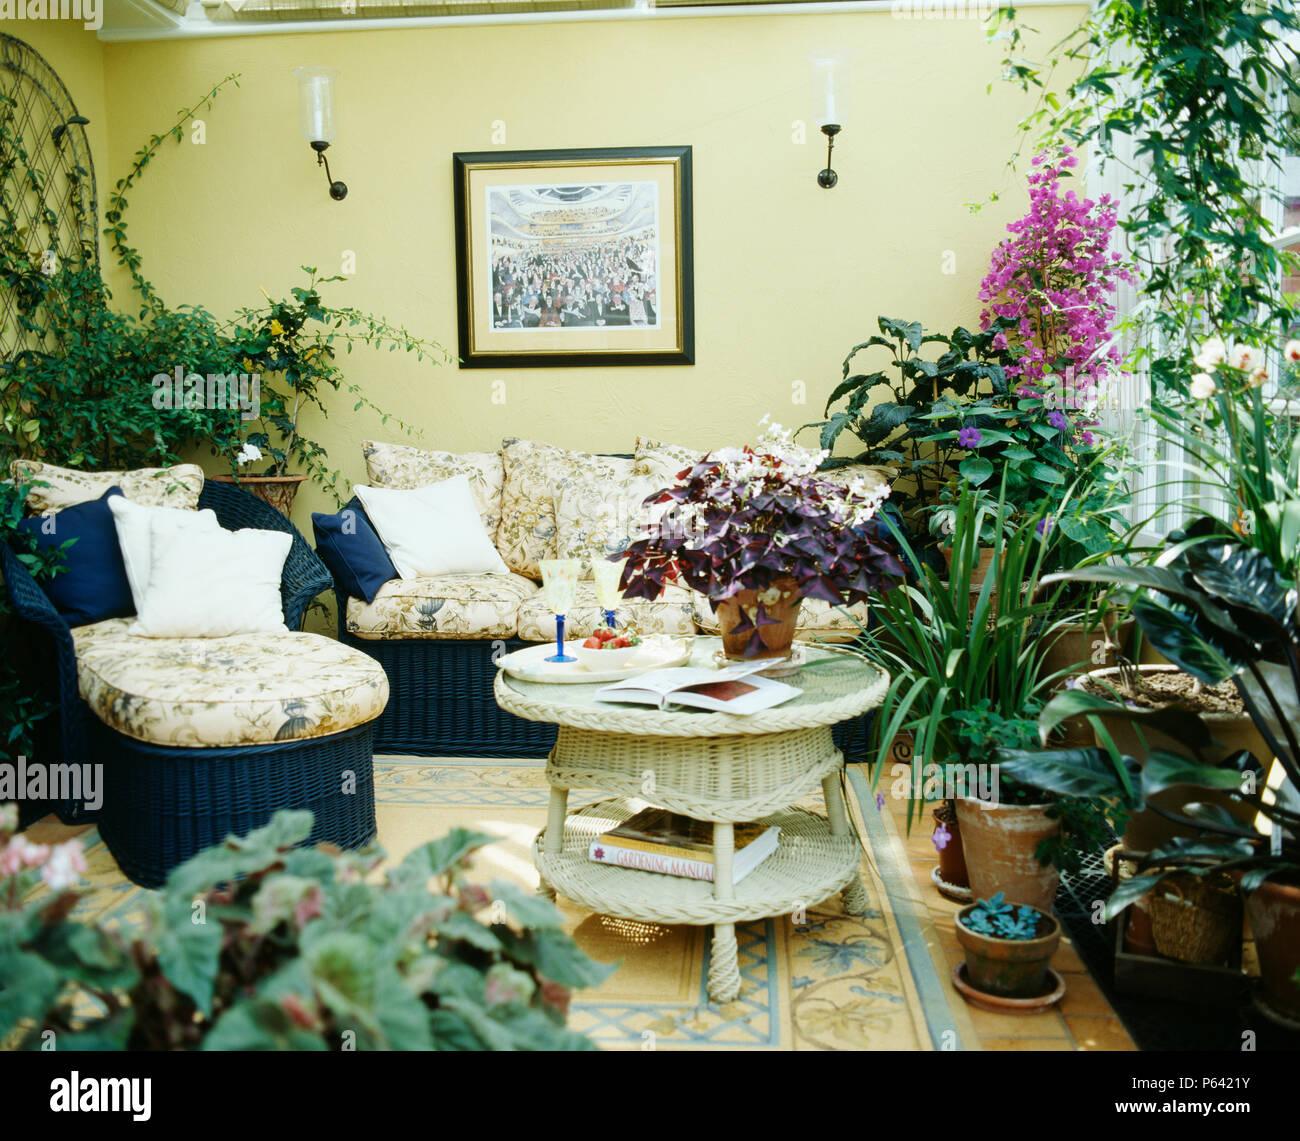 Uppig Grune Und Bluhende Zimmerpflanzen Im Wintergarten Wohnzimmer